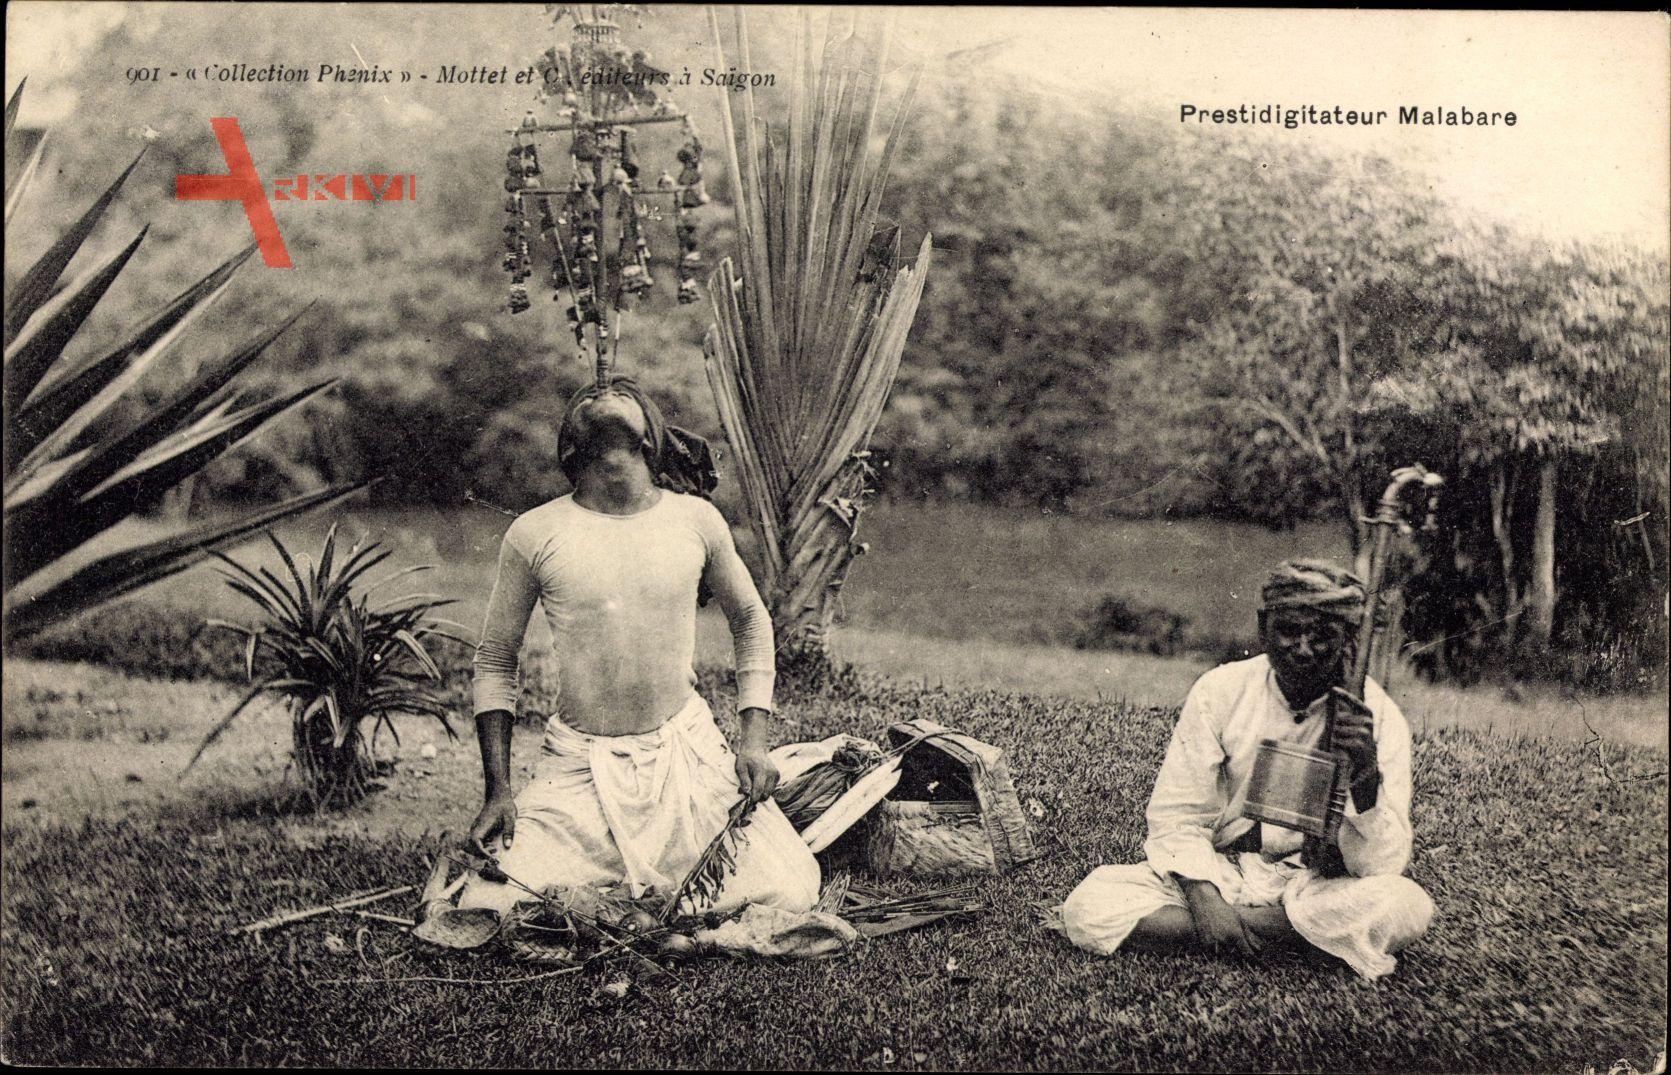 Prestidigitateur Malabare, Gaukler, Jongleur, Musiker